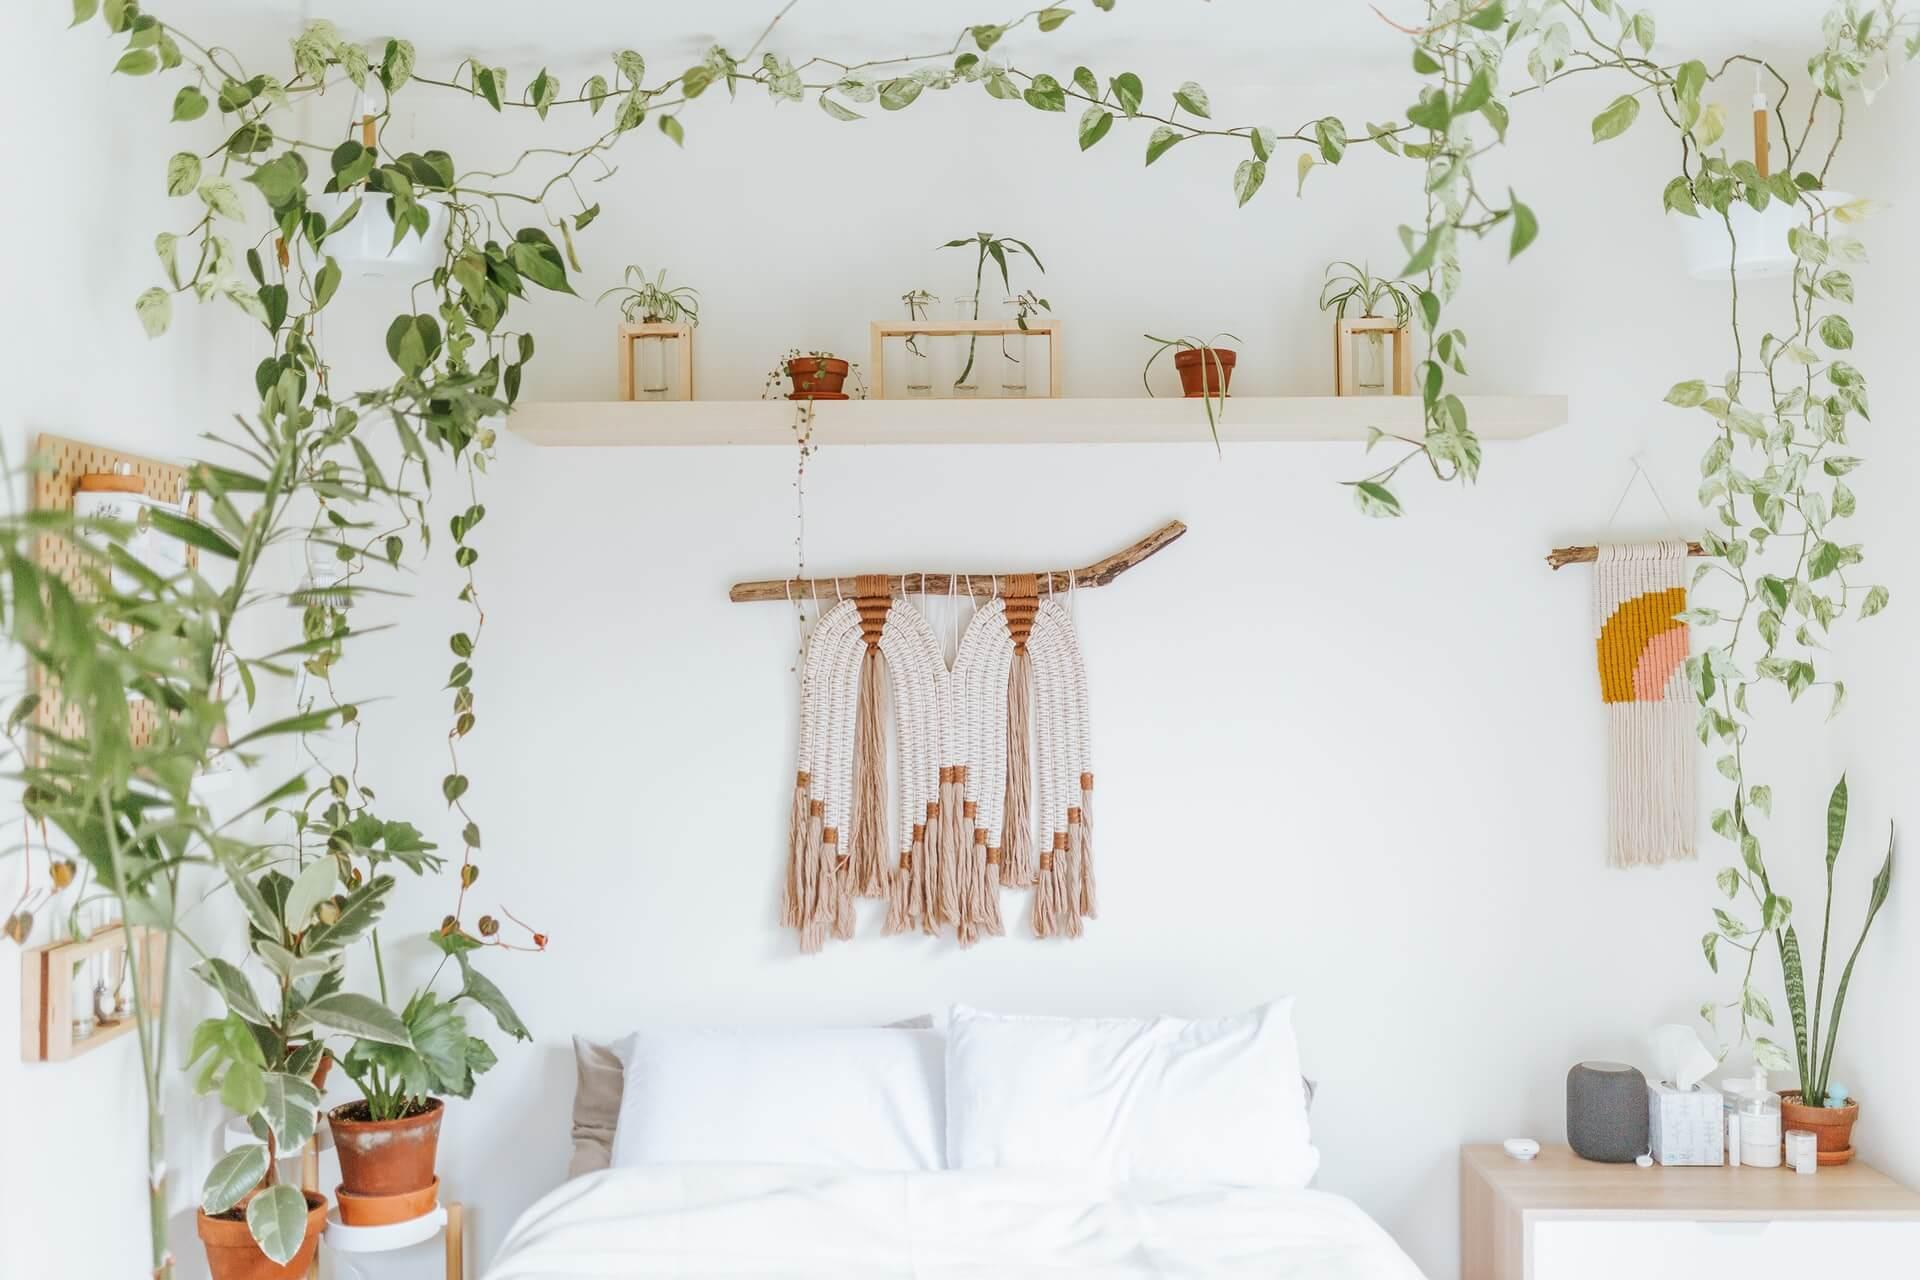 Lust auf Boho-Möbel? 10 Tipps für deine stylische Einrichtung